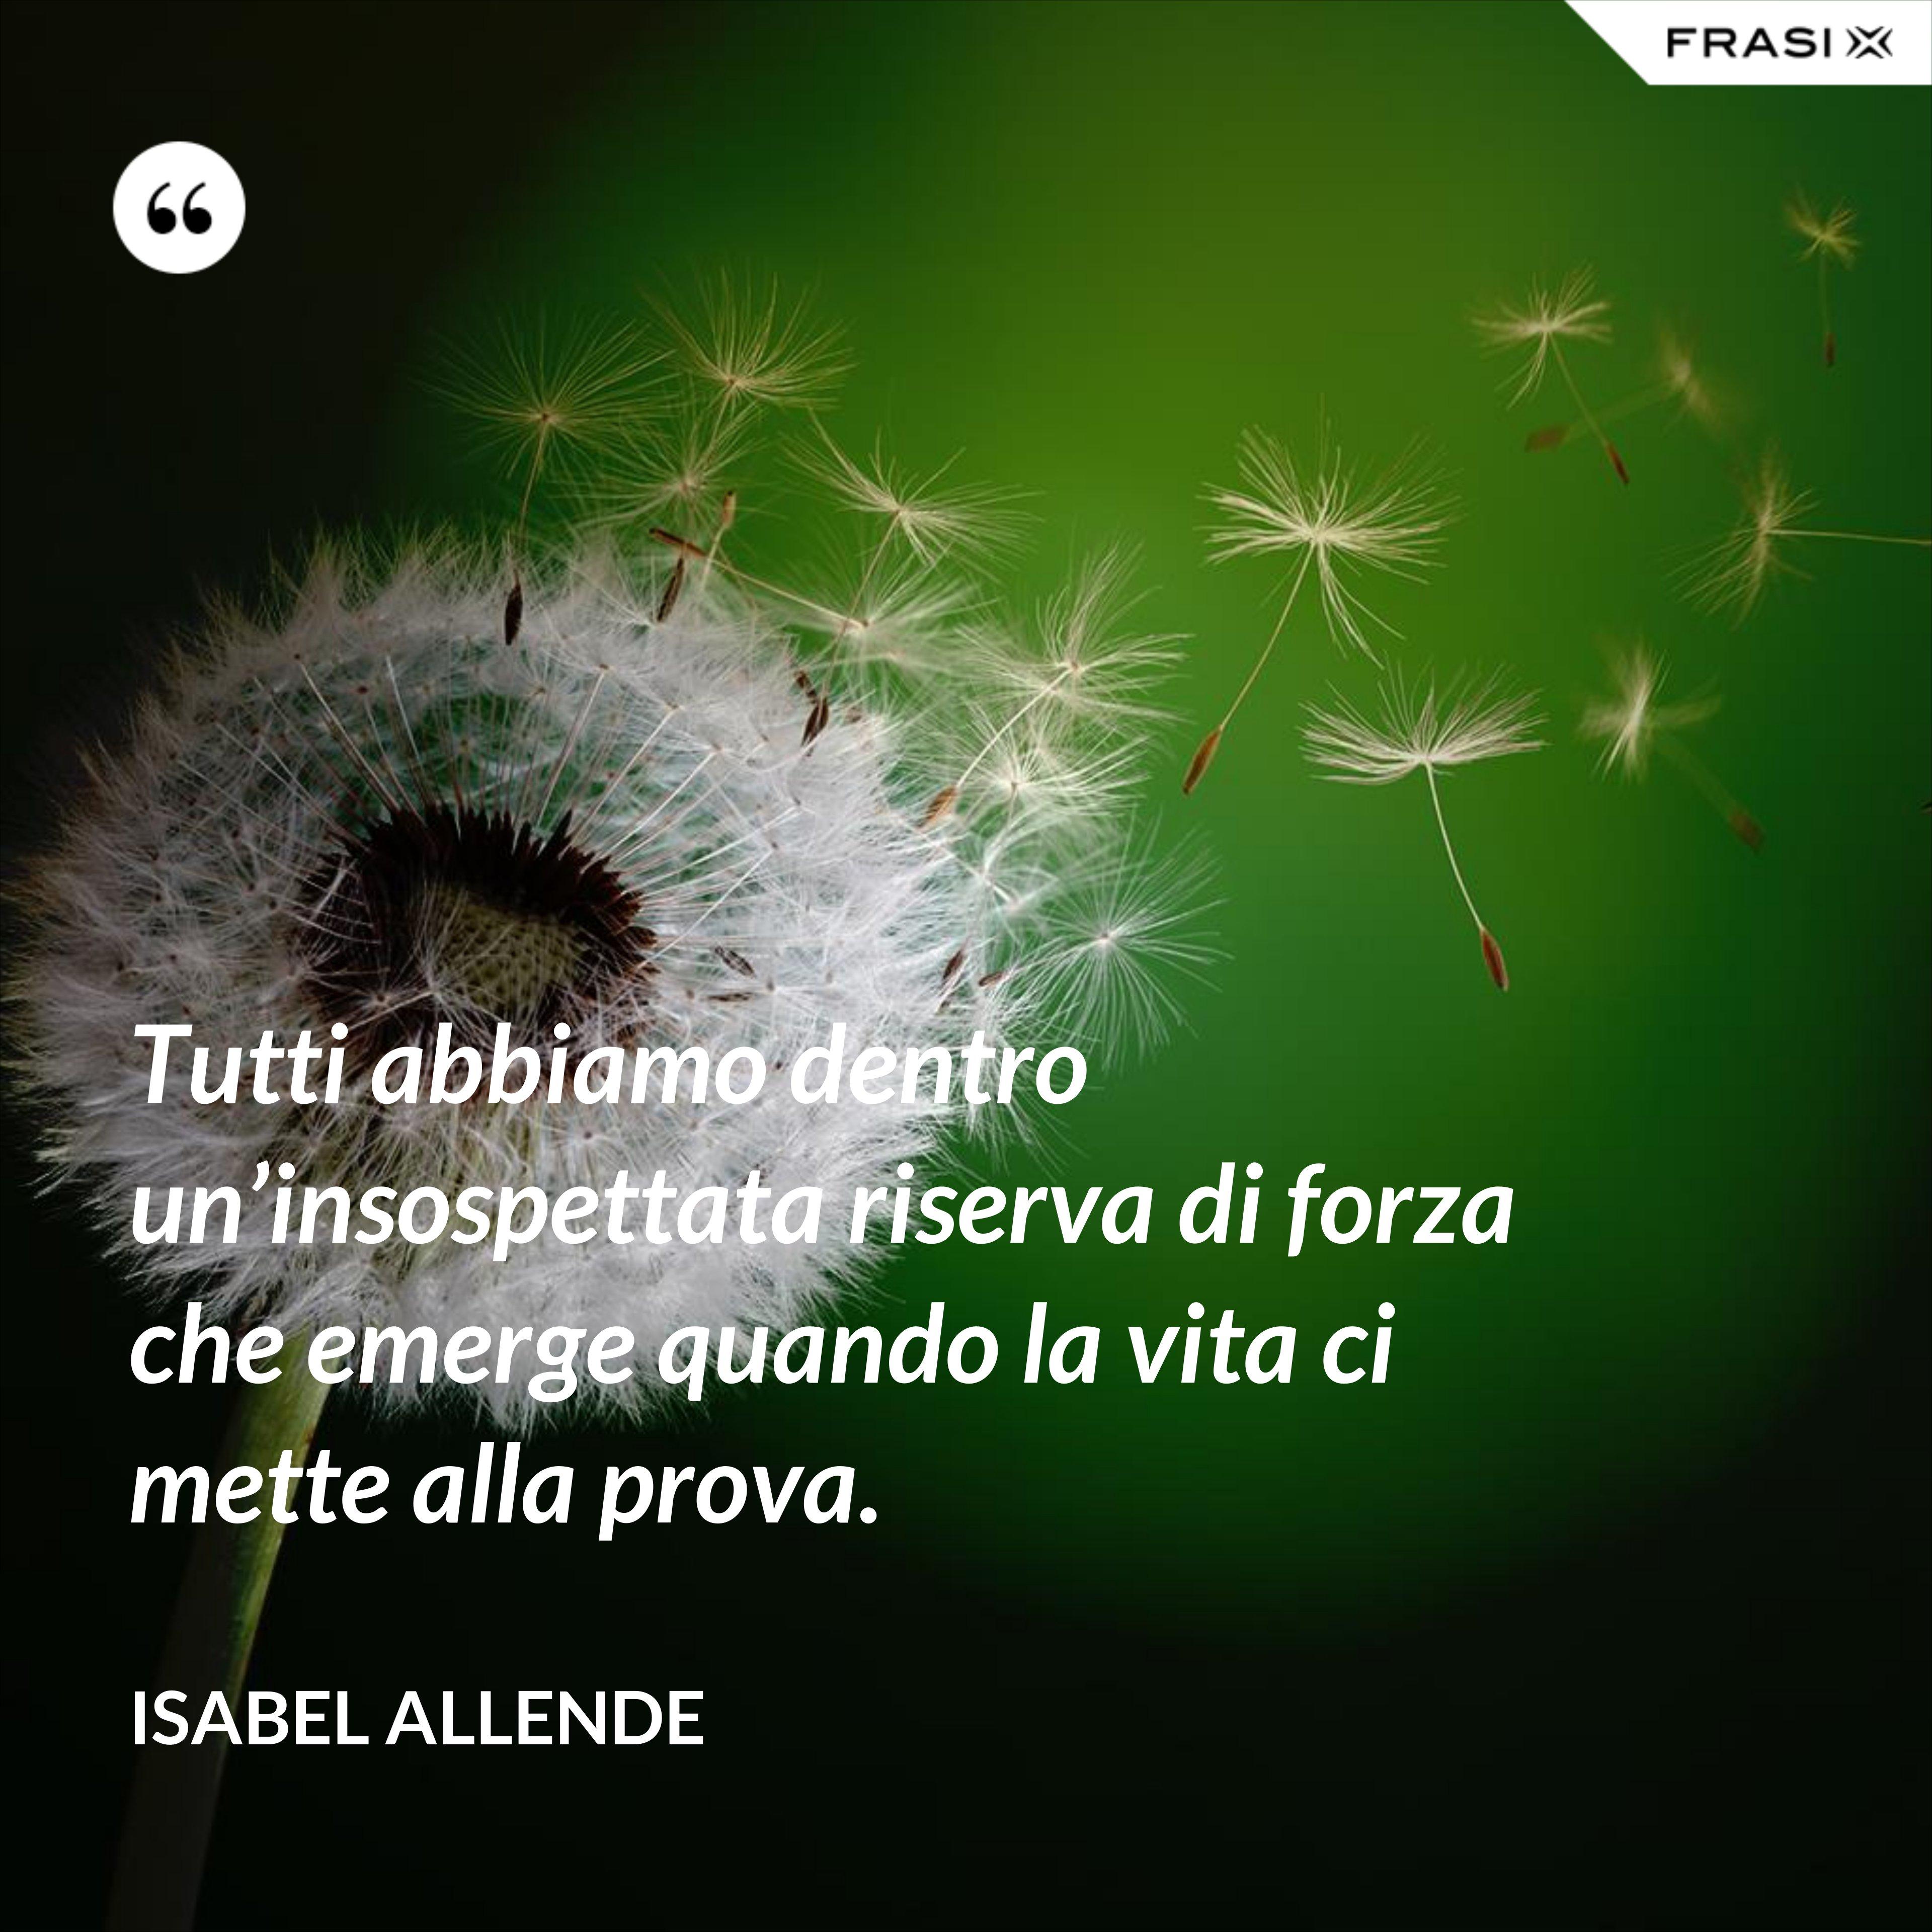 Tutti abbiamo dentro un'insospettata riserva di forza che emerge quando la vita ci mette alla prova. - Isabel Allende